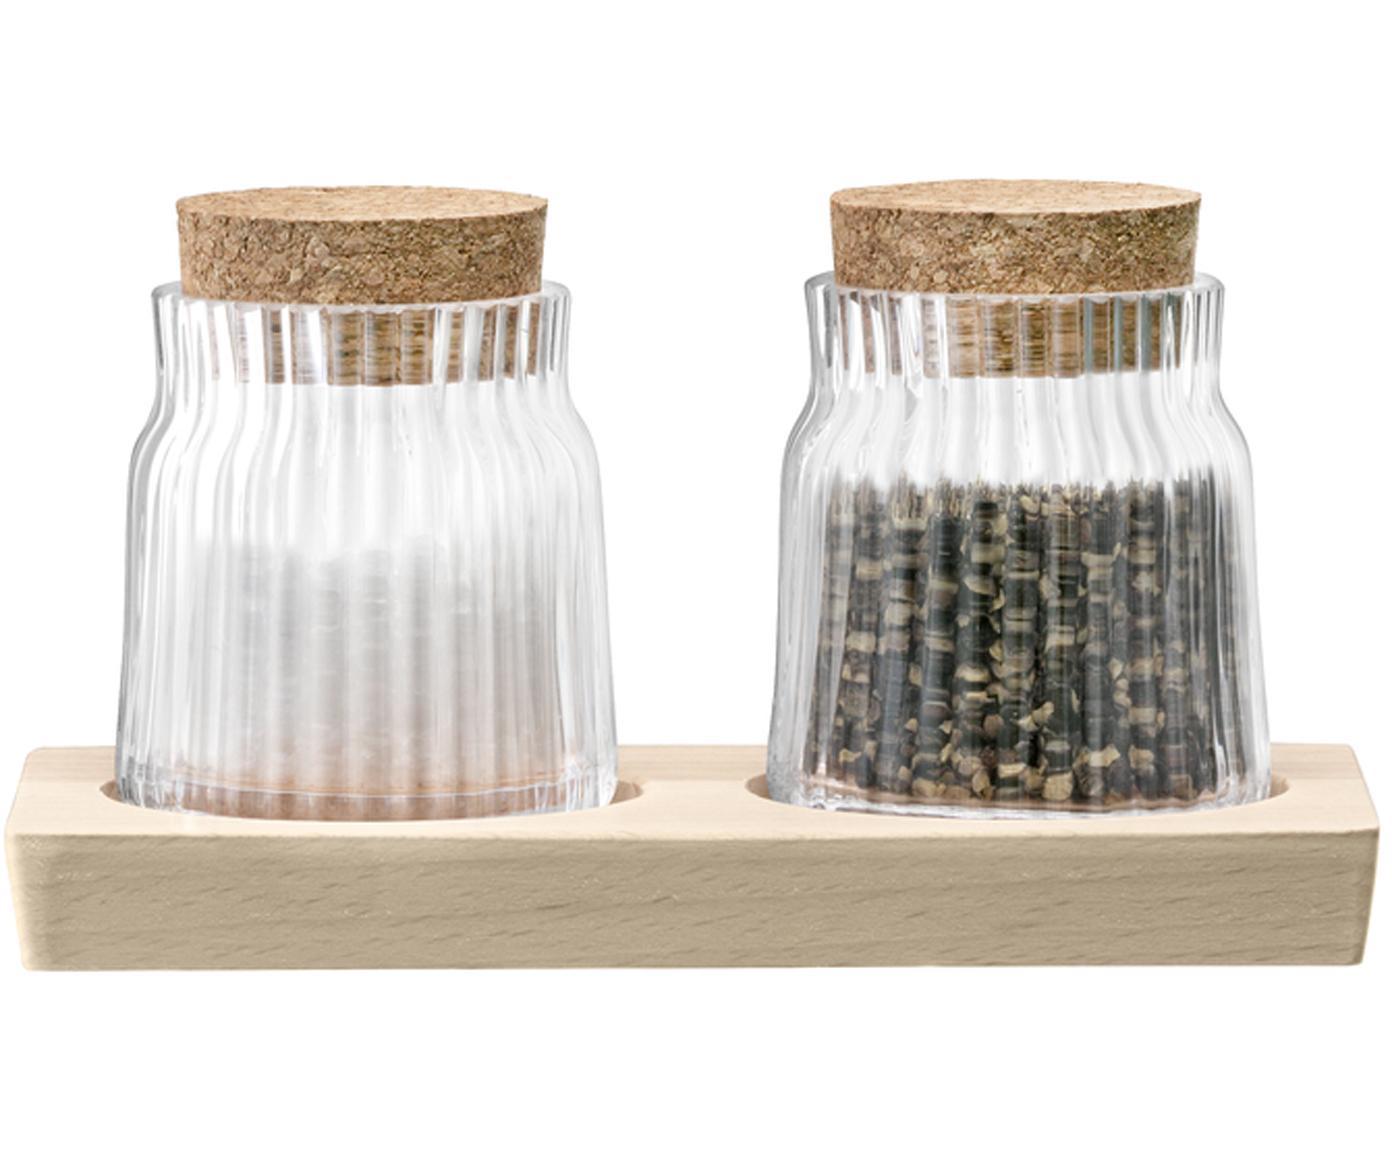 Set de salero y pimentero Gio Line, 3pzas., Recipiente: vidrio, Tapa: corcho, Bandeja: madera de haya, Transparente, corcho, An 16 x Al 9 cm